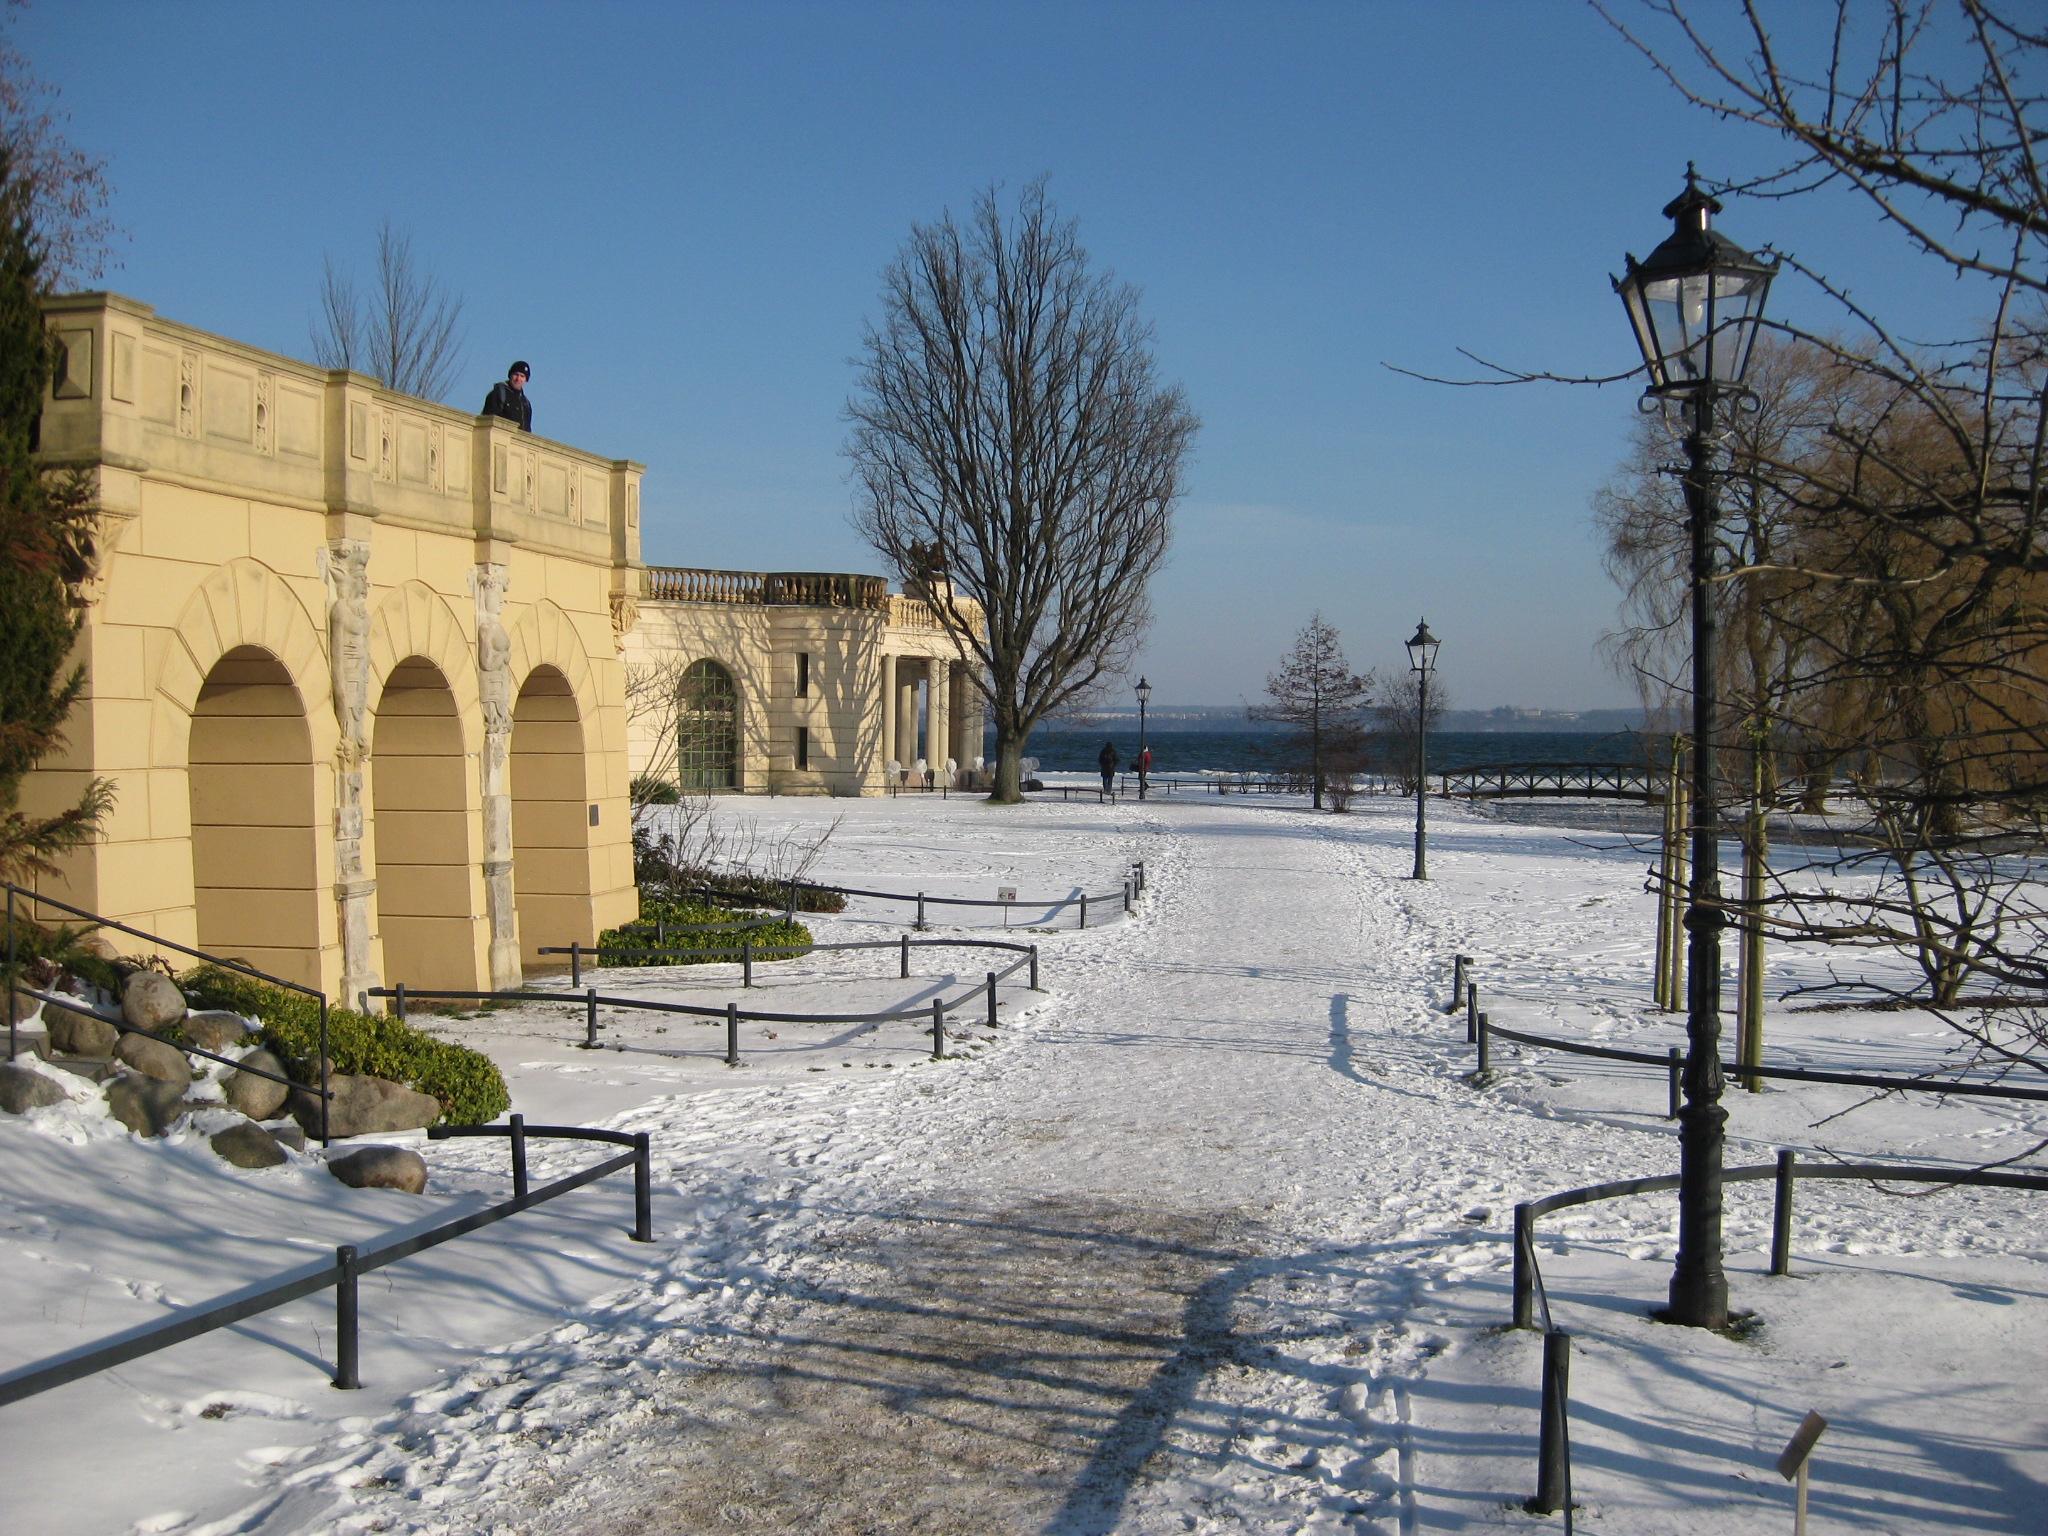 schwerin u2013 schloss and frost skyewalkers